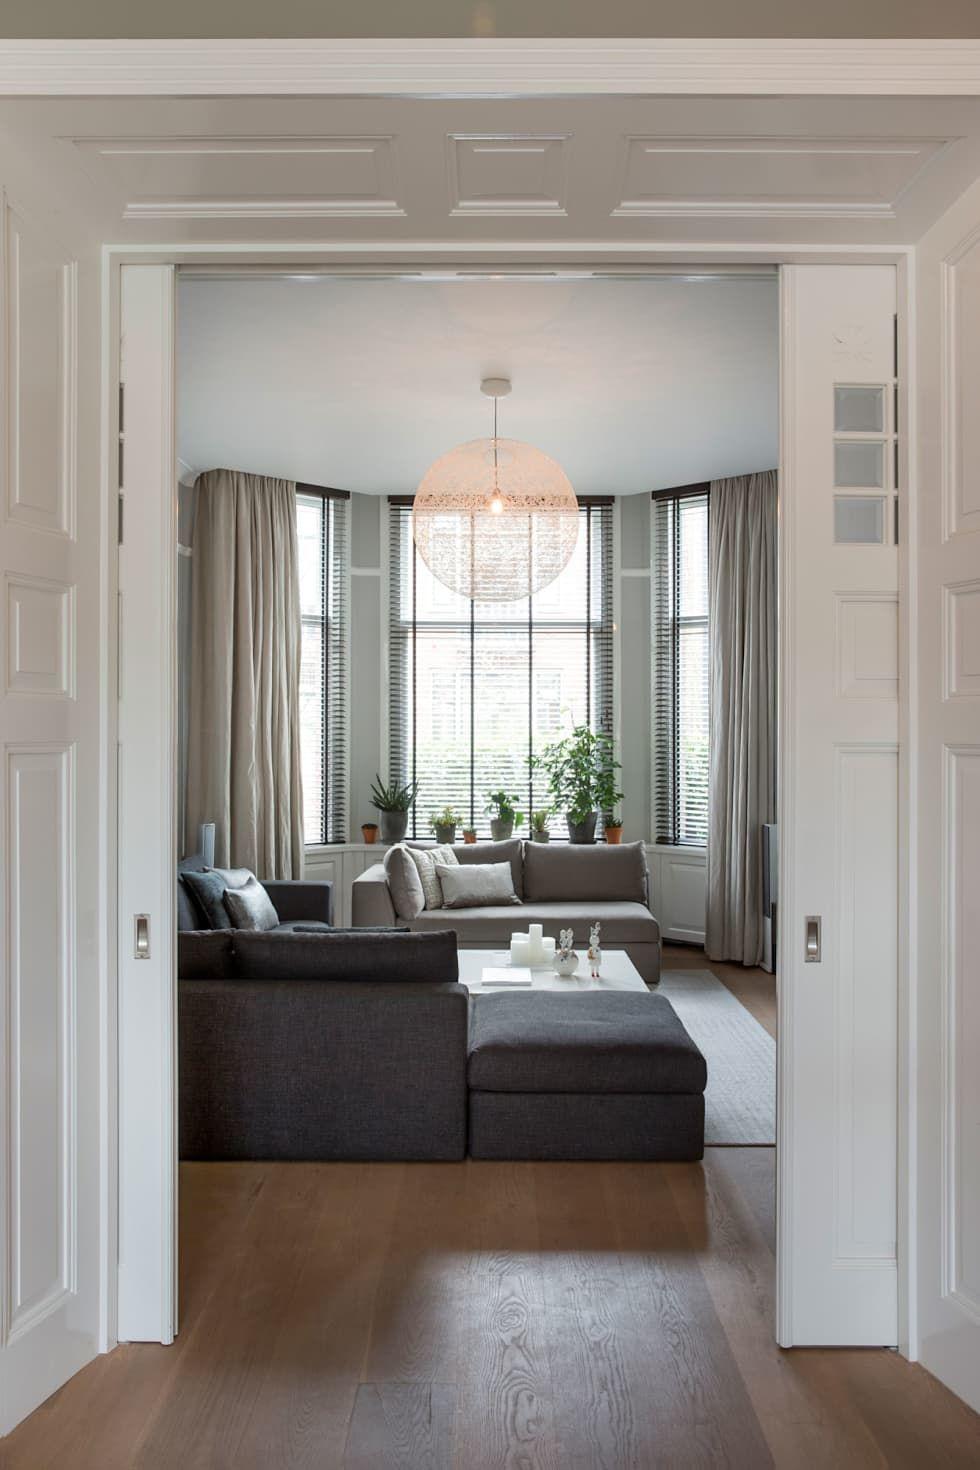 Luxe woonkamer in warm herenhuis: moderne woonkamer door choc studio ...